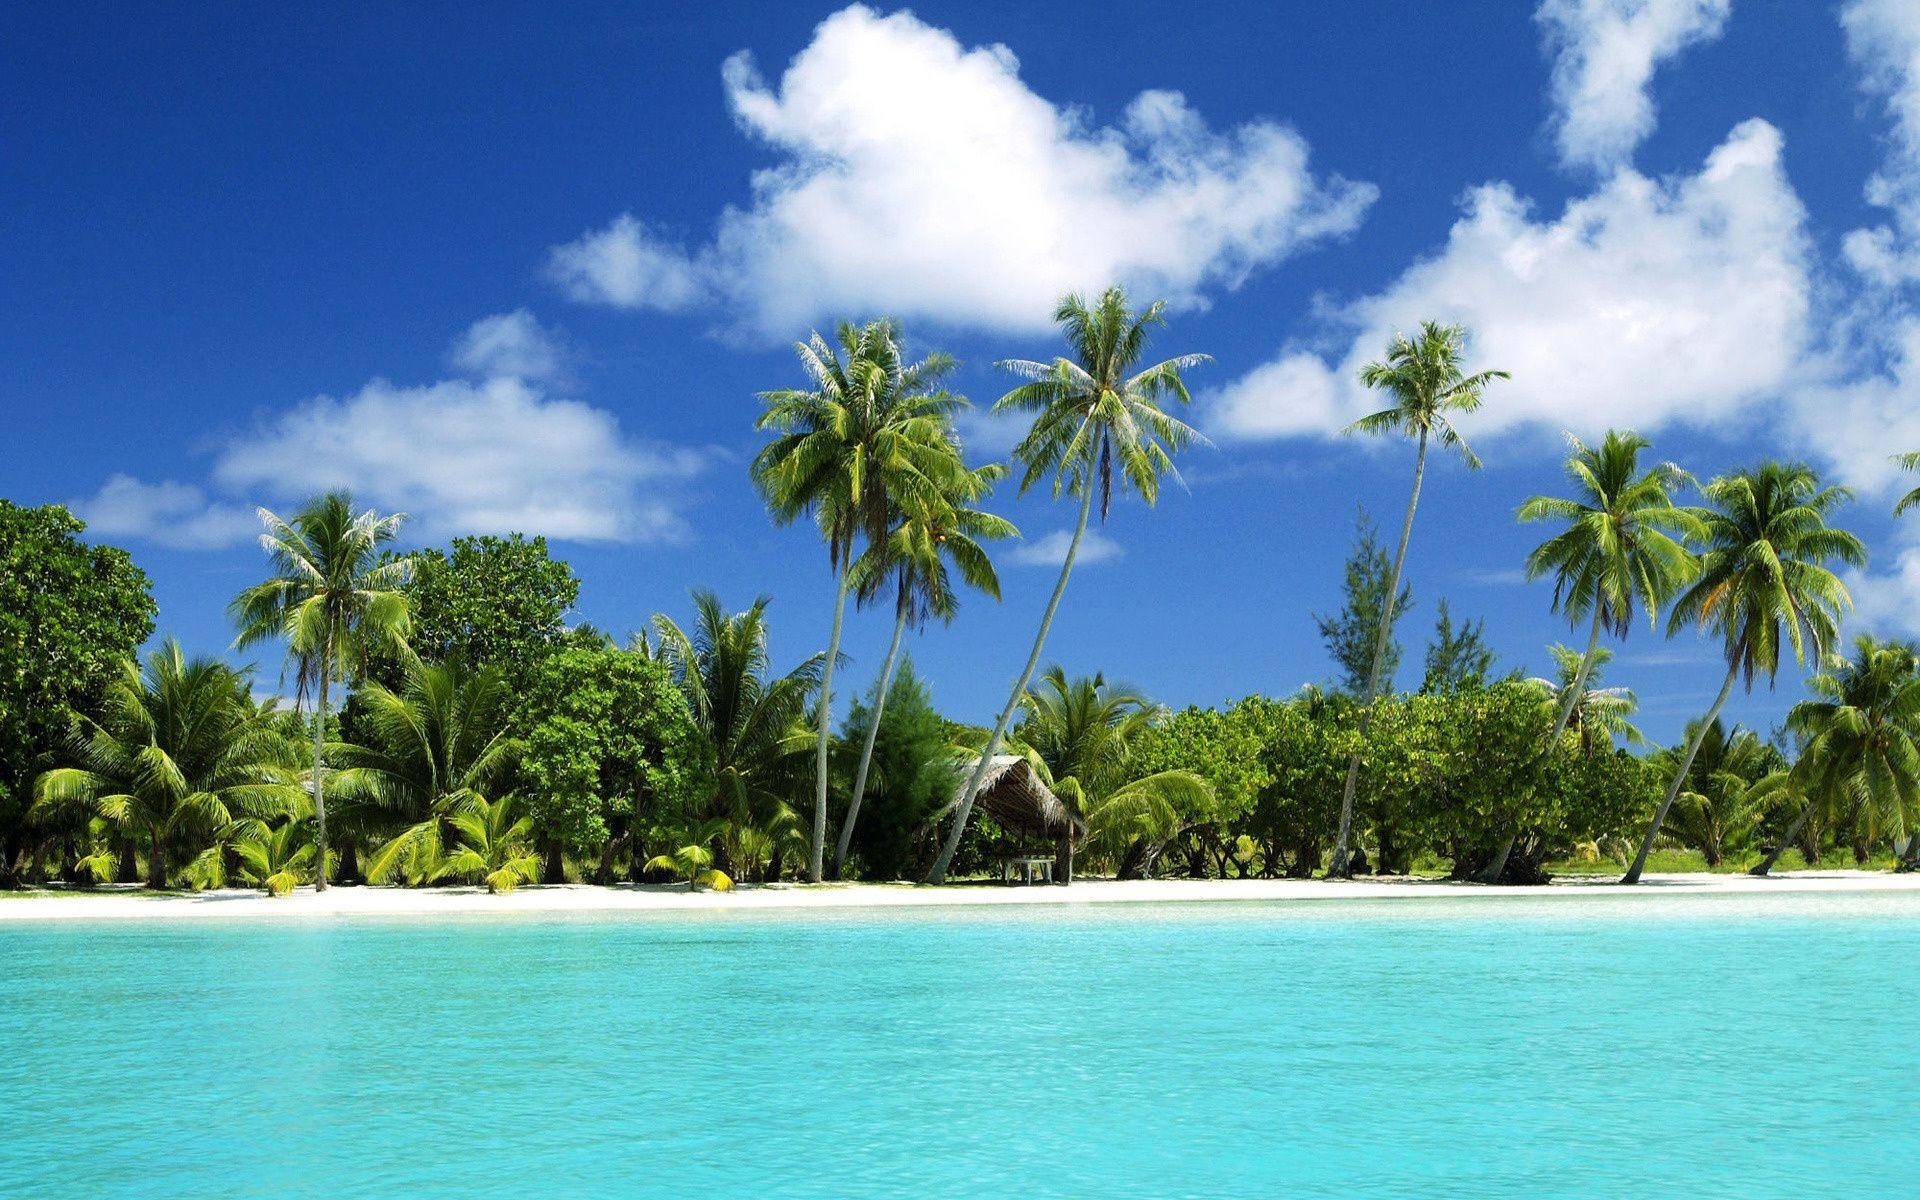 море, пляж, растительность загрузить